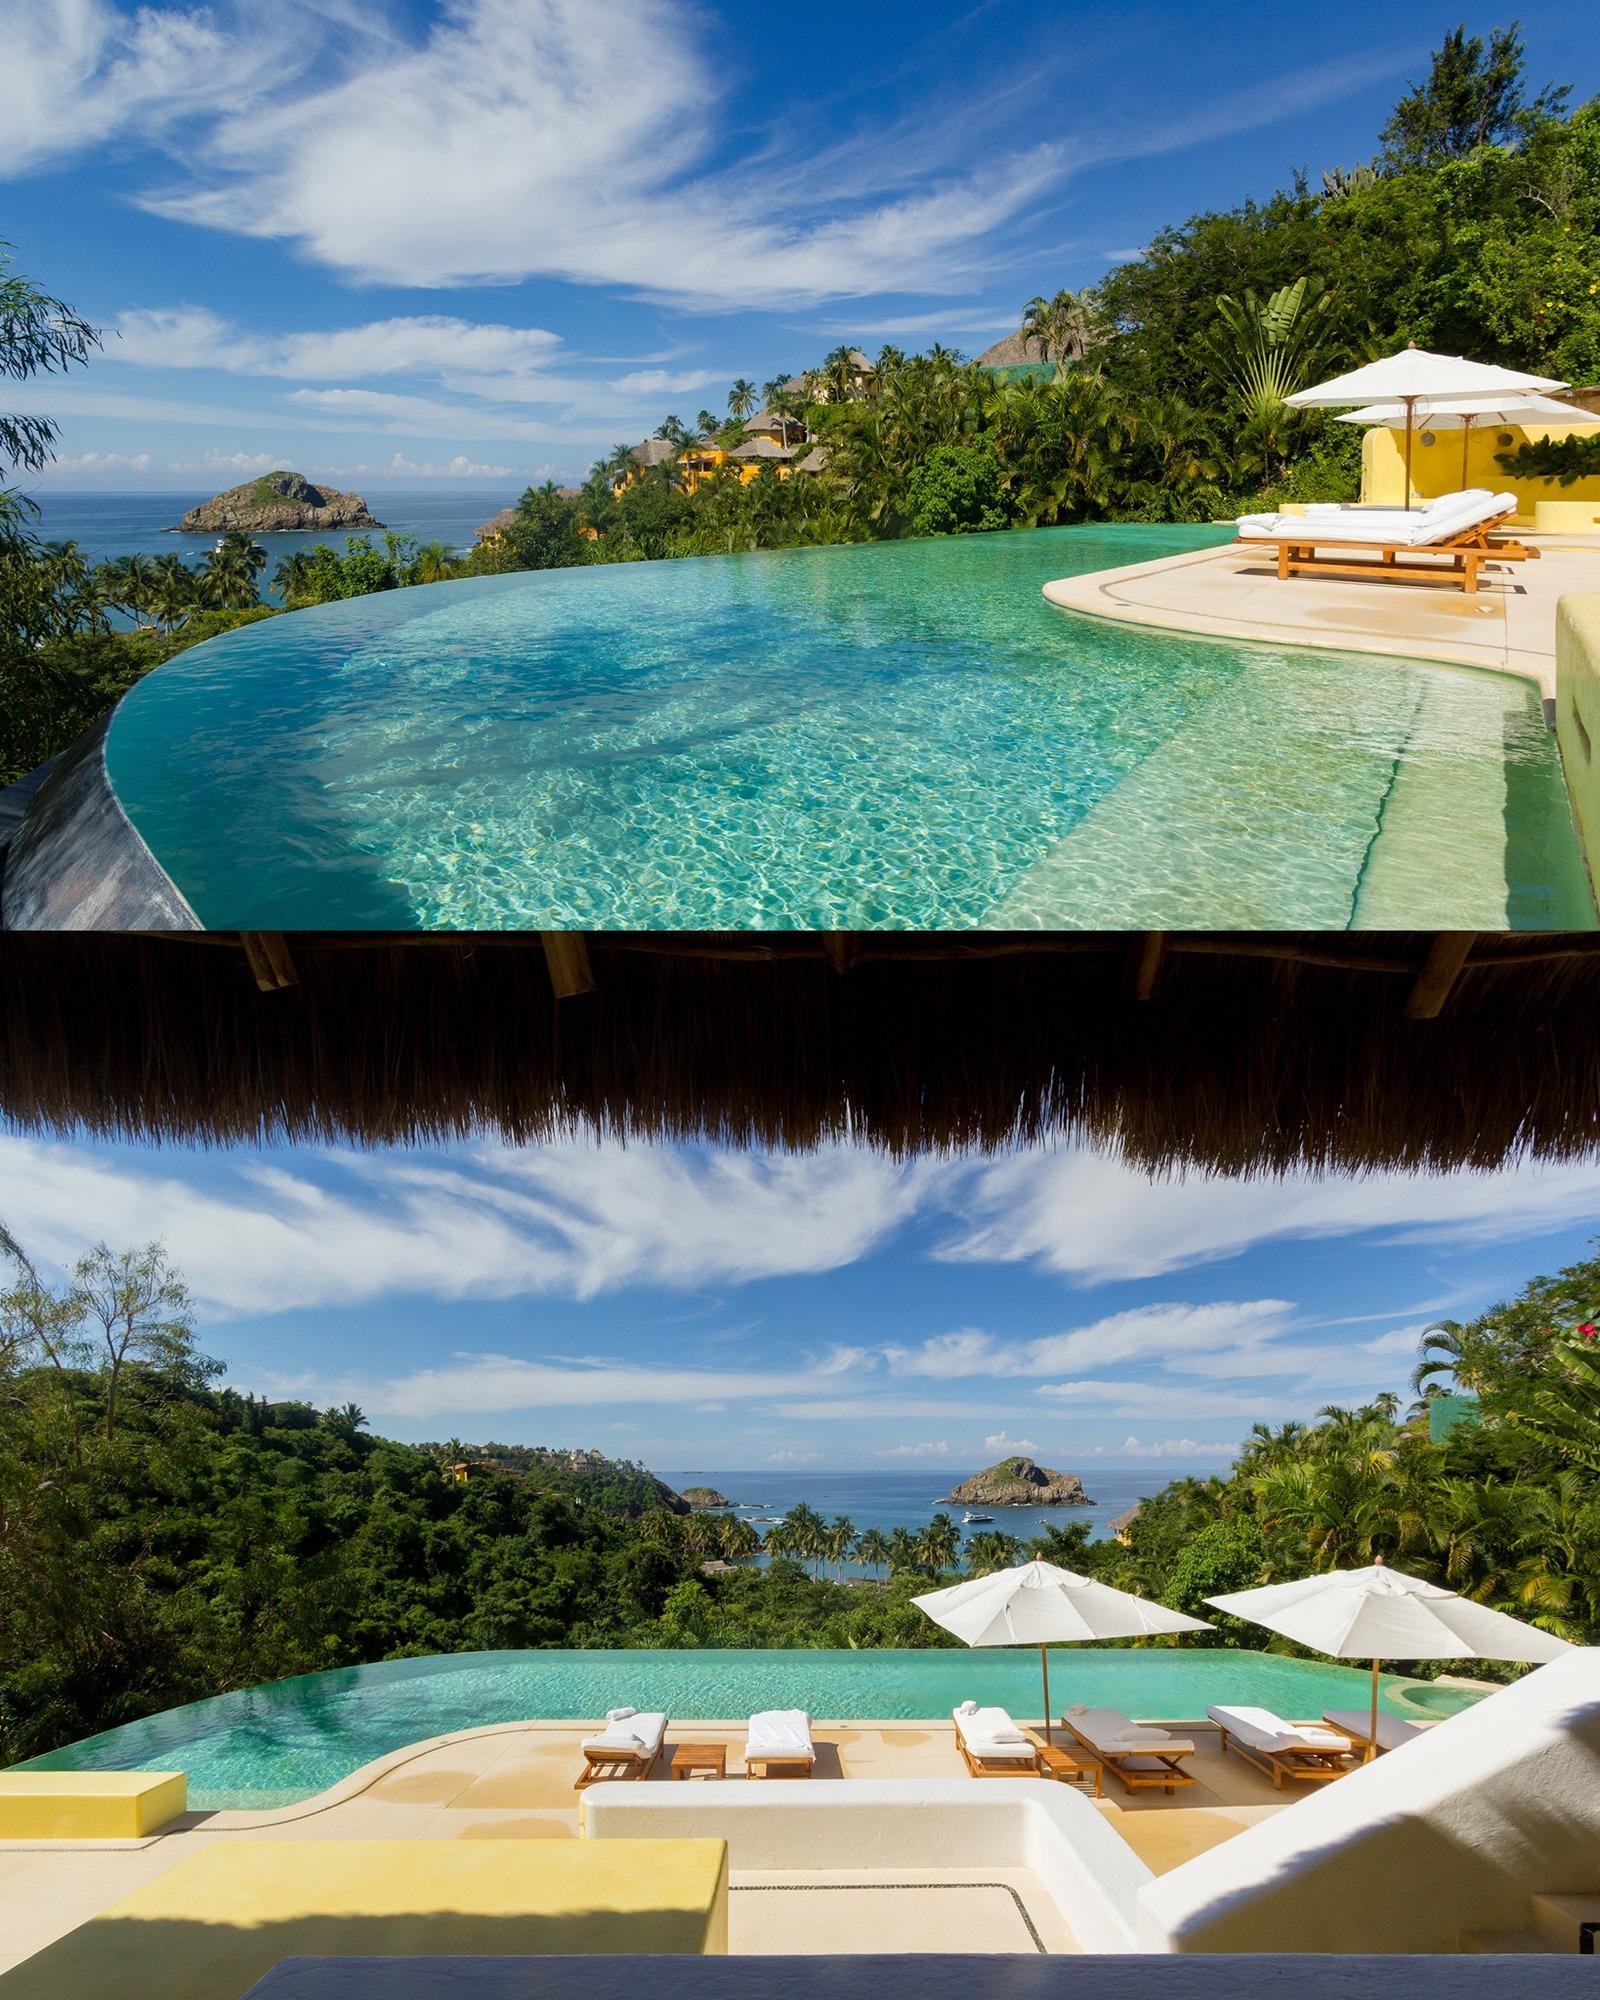 Careyes Resort, Costa Careyes Image 0